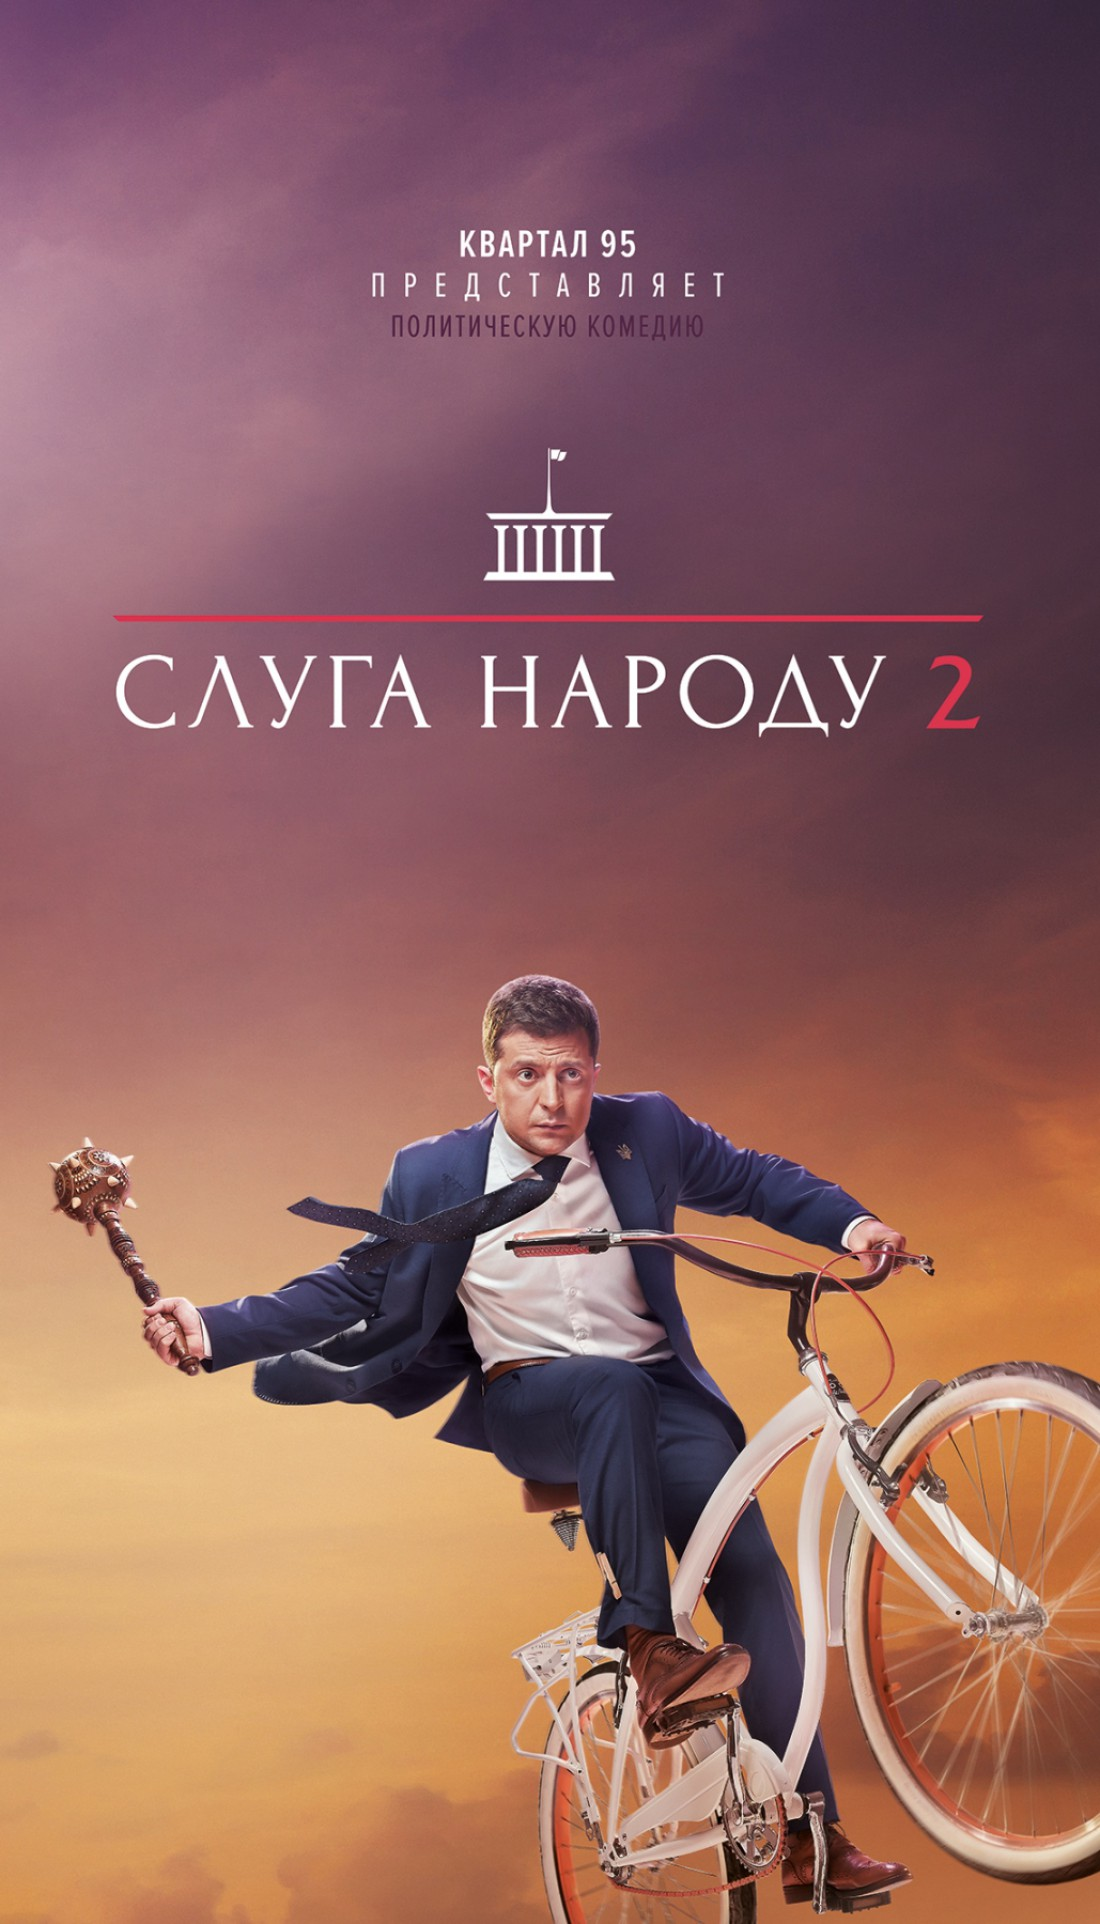 Владимир Зеленский в Слуге народа 2